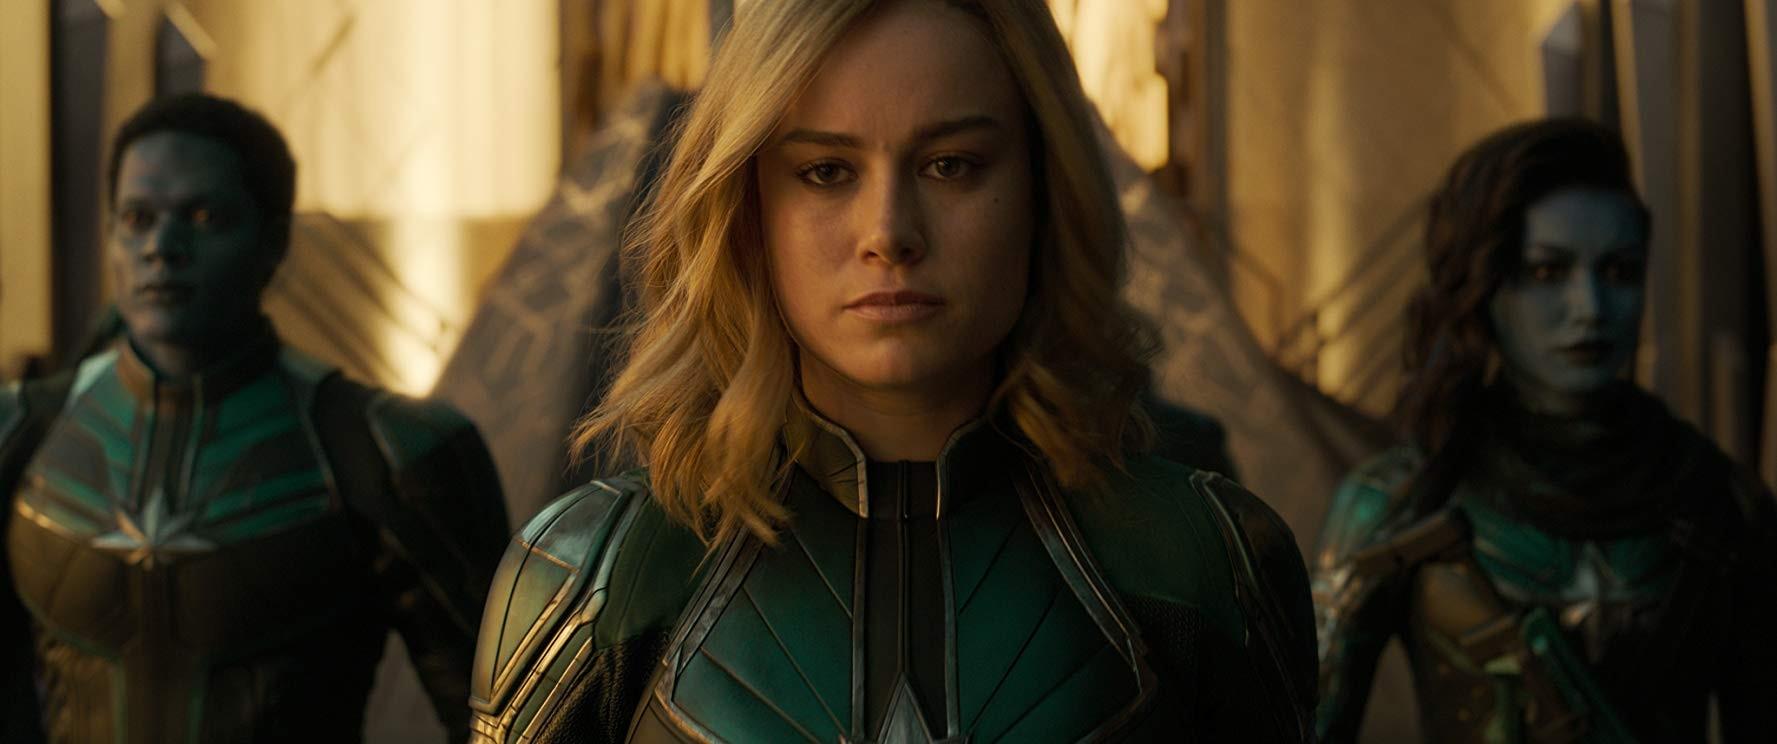 'Capitã Marvel' lidera bilheteria nacional pela segunda semana  - Noticias